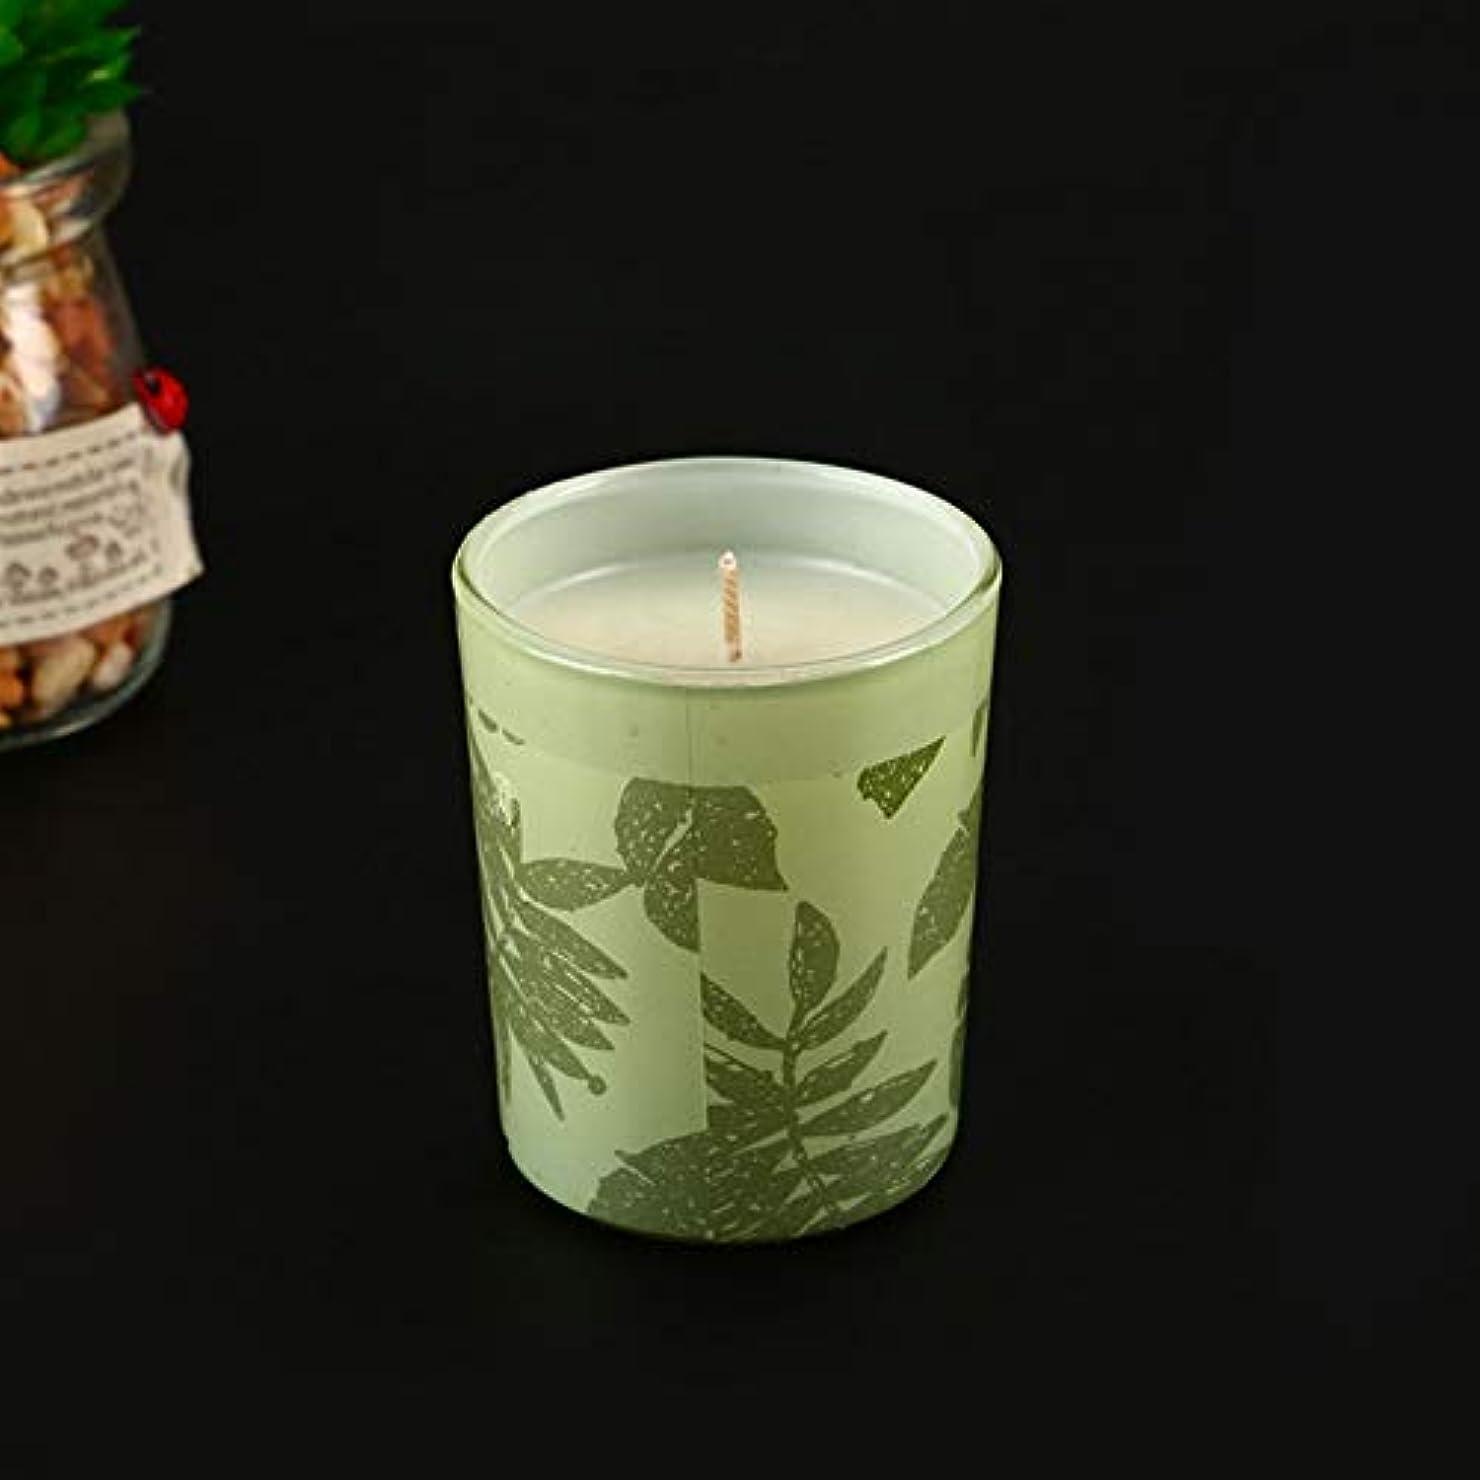 疼痛僕の貸し手Guomao アロマセラピーキャンドルガラス香料入りキャンドル無煙大豆キャンドル誕生日キャンドル (色 : Green tea)